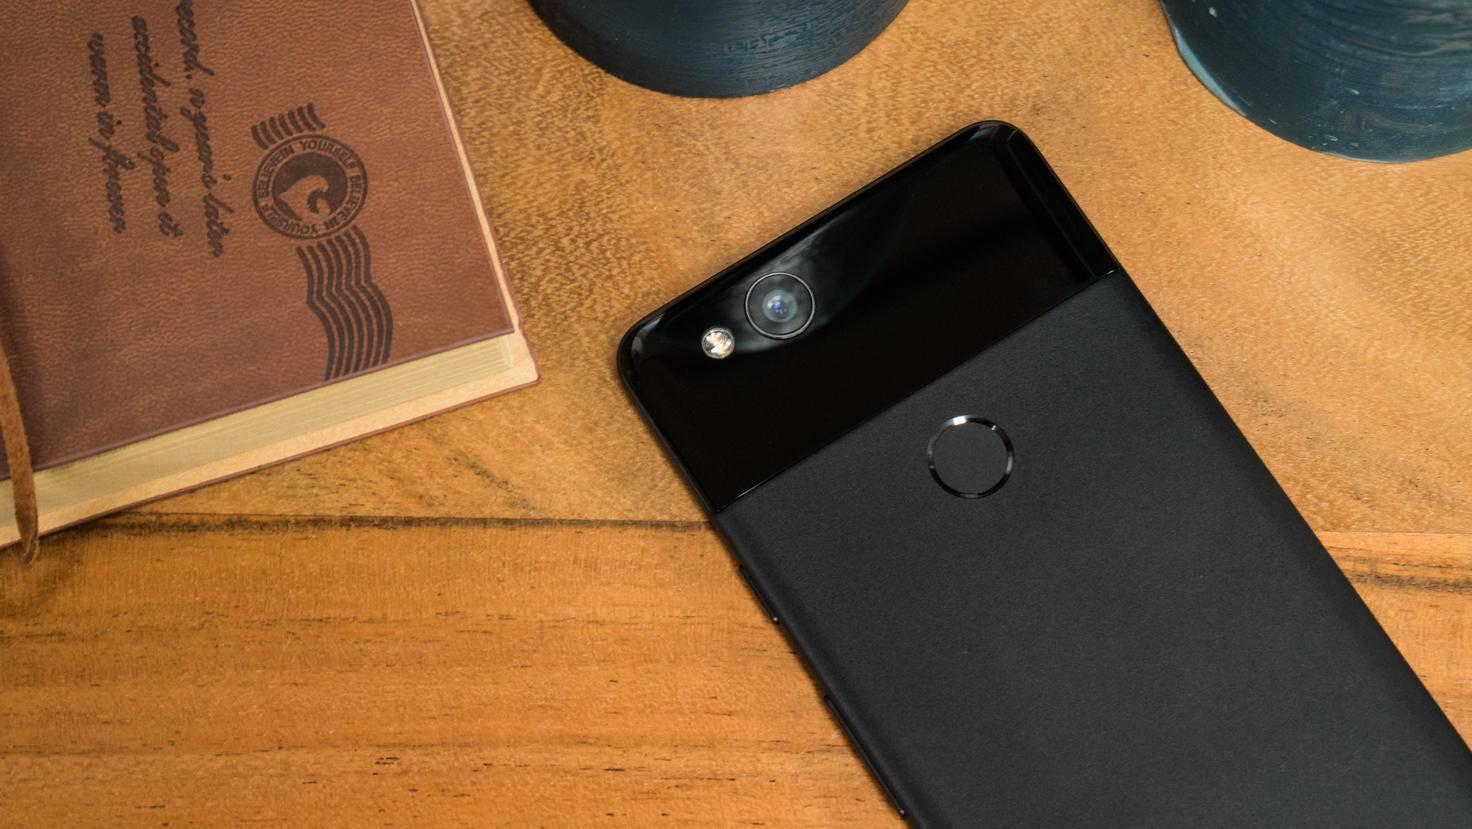 Hauptargument für das Pixel 2 ist aber nach wie vor seine ausgezeichnete Kamera.